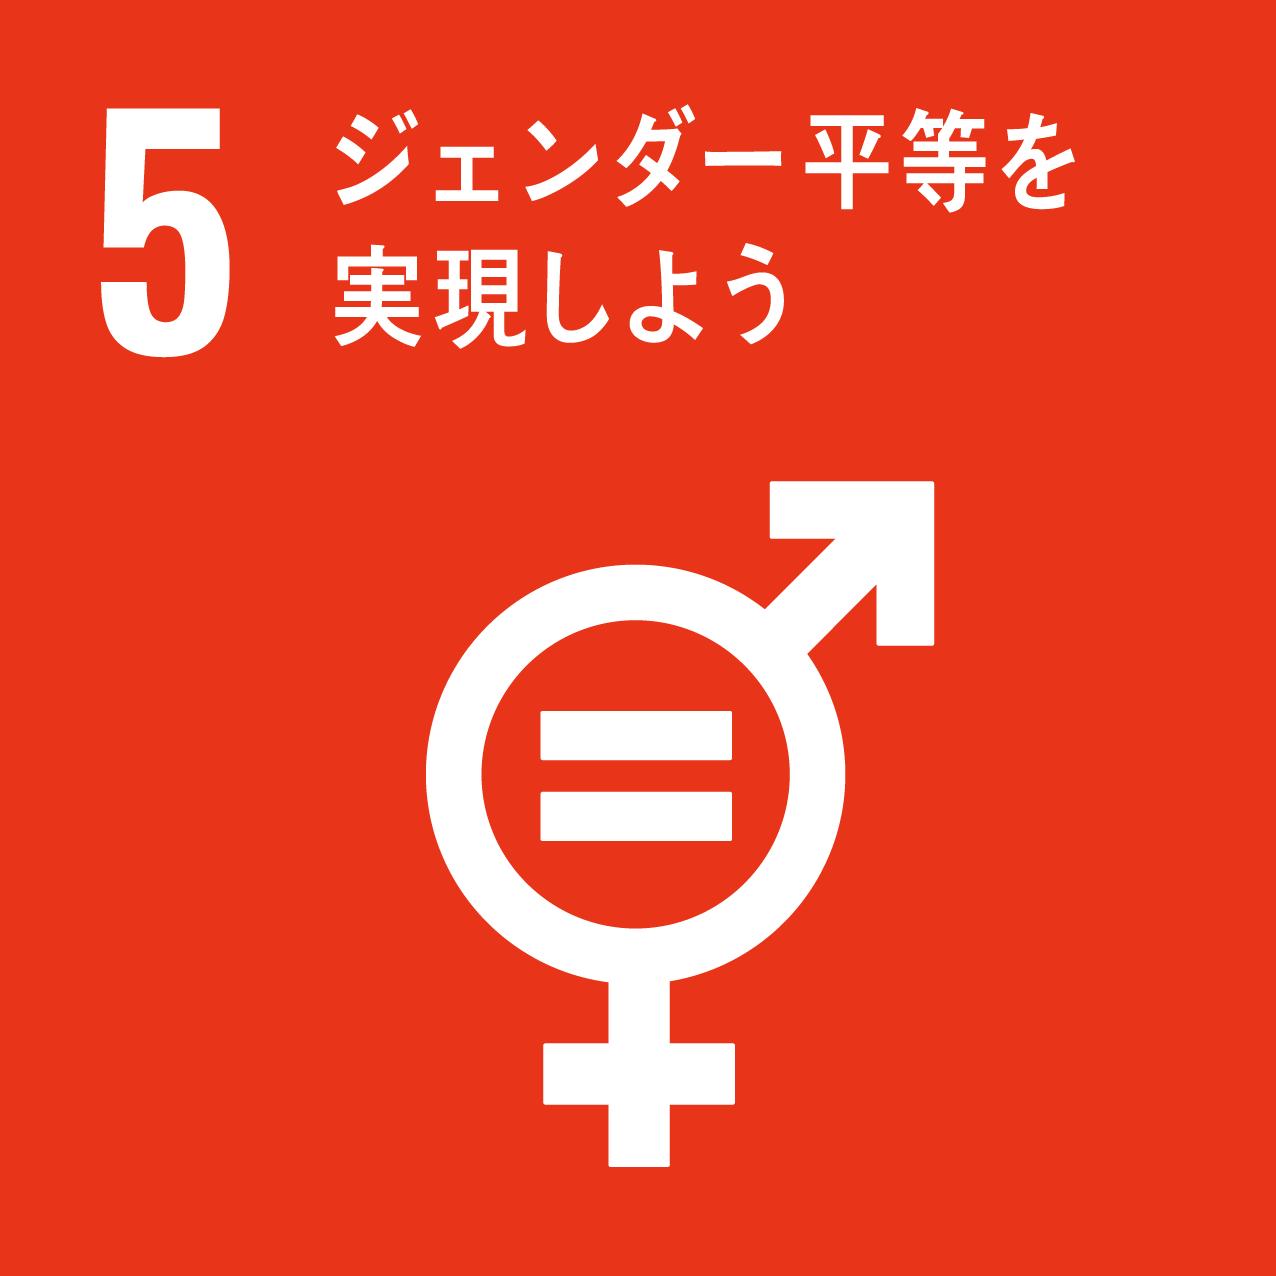 05:ジェンダー平等